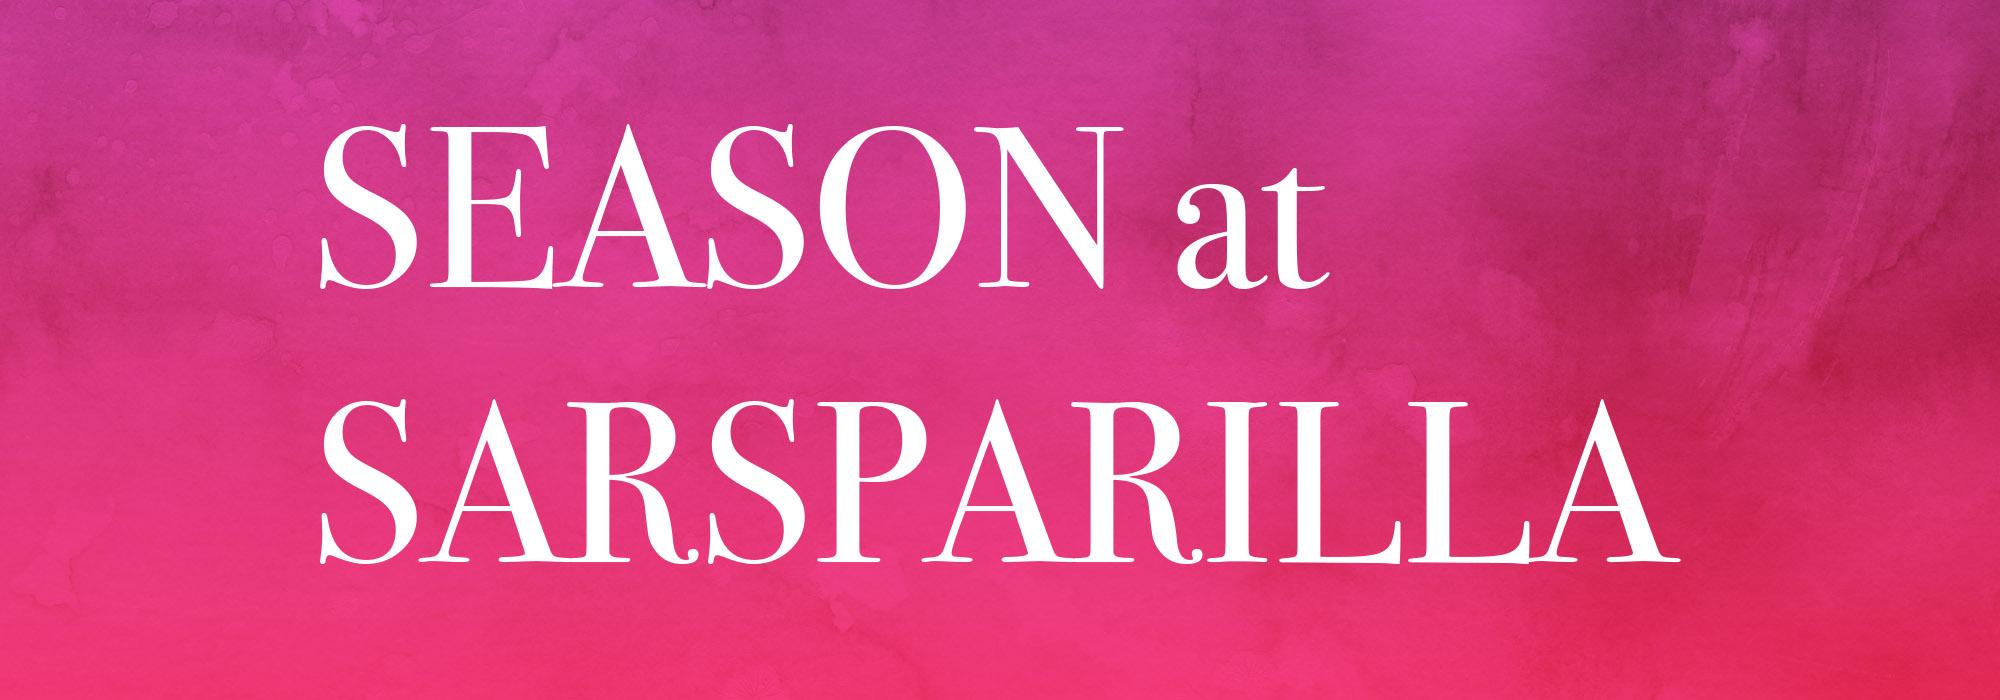 Season at Sarparilla